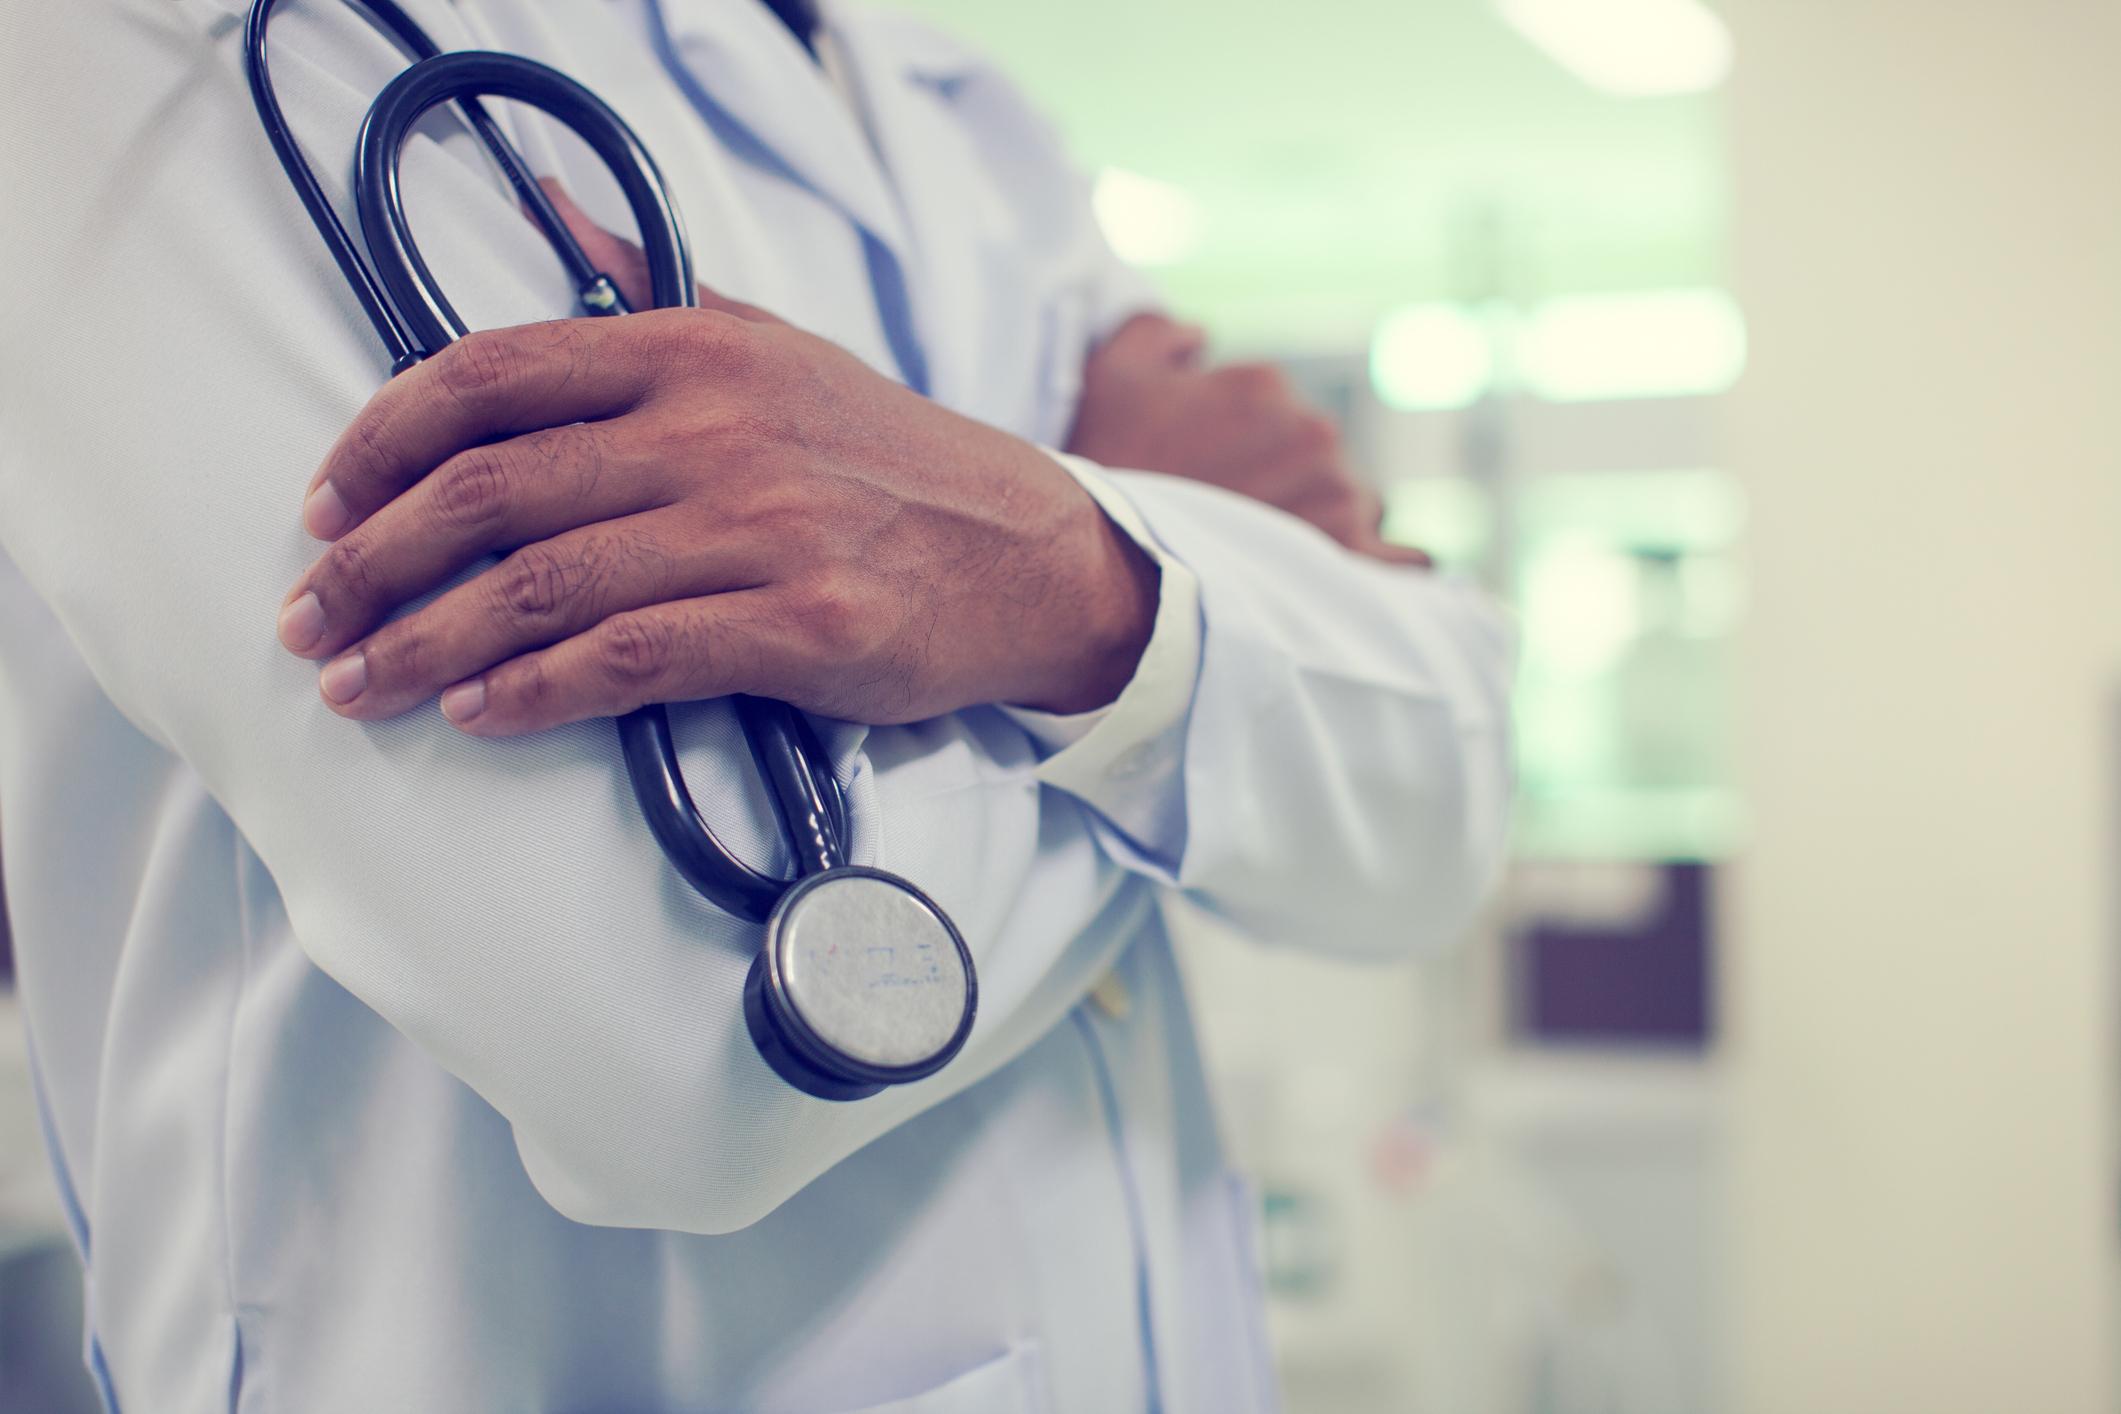 Un medic ORL-ist din Vaslui, testat pozitiv pentru Covid-19. A intrat în contact cu zeci de persoane